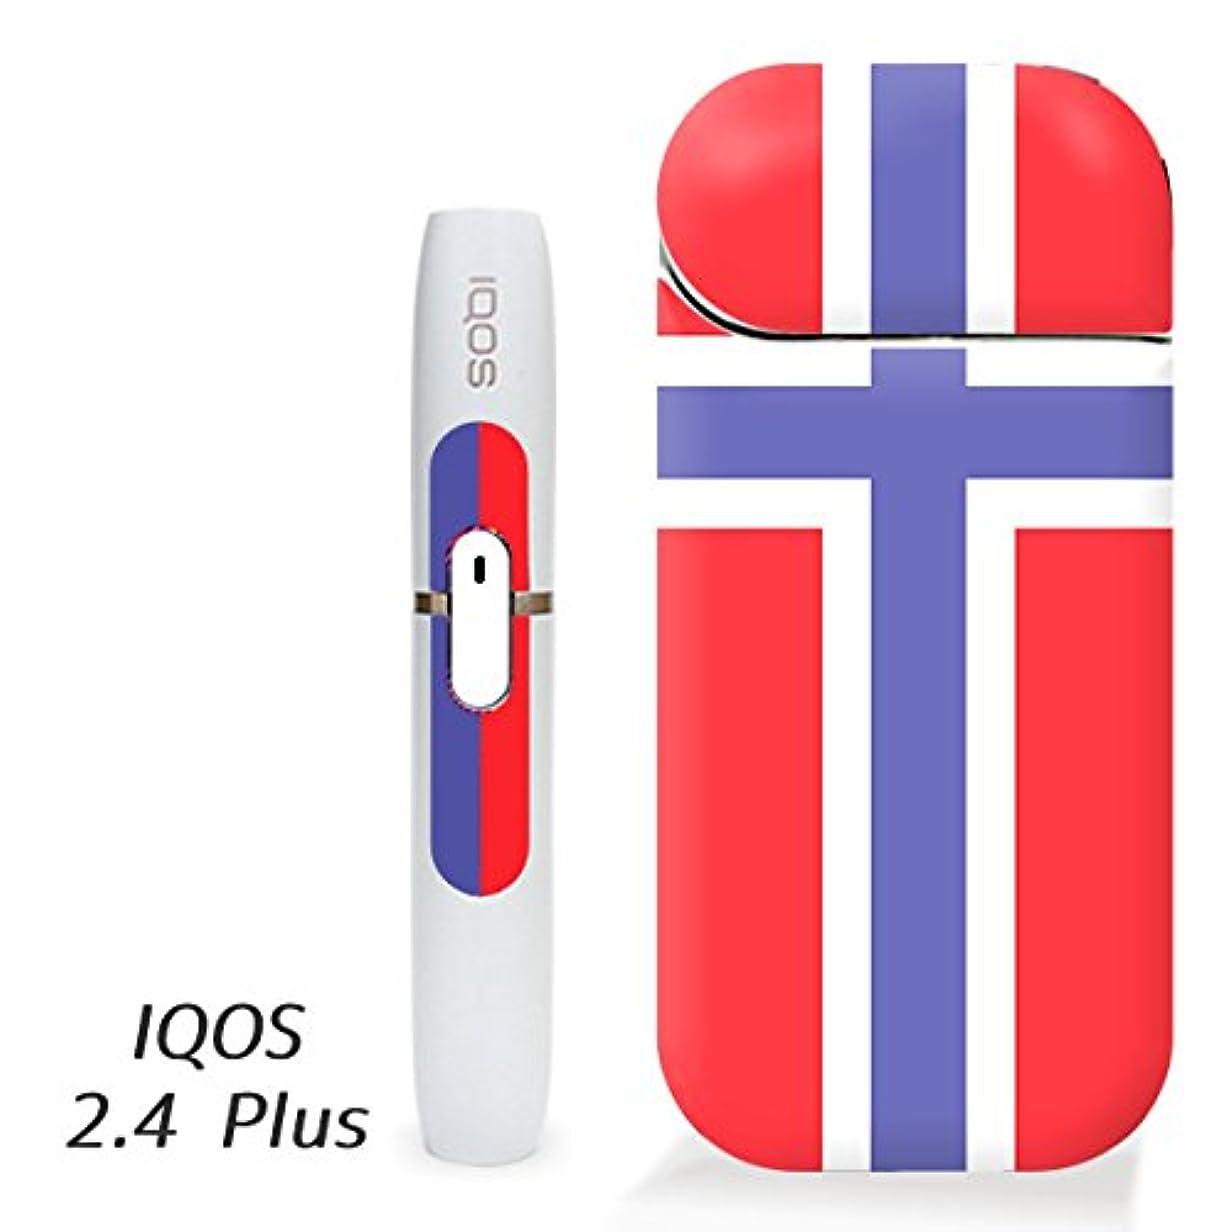 廃棄の面ではリサイクルするアイコス スキンシール ( 2.4Plus 用 ) ノルウェー 国旗 シール ステッカー iQOS (ノーマルタイプ)